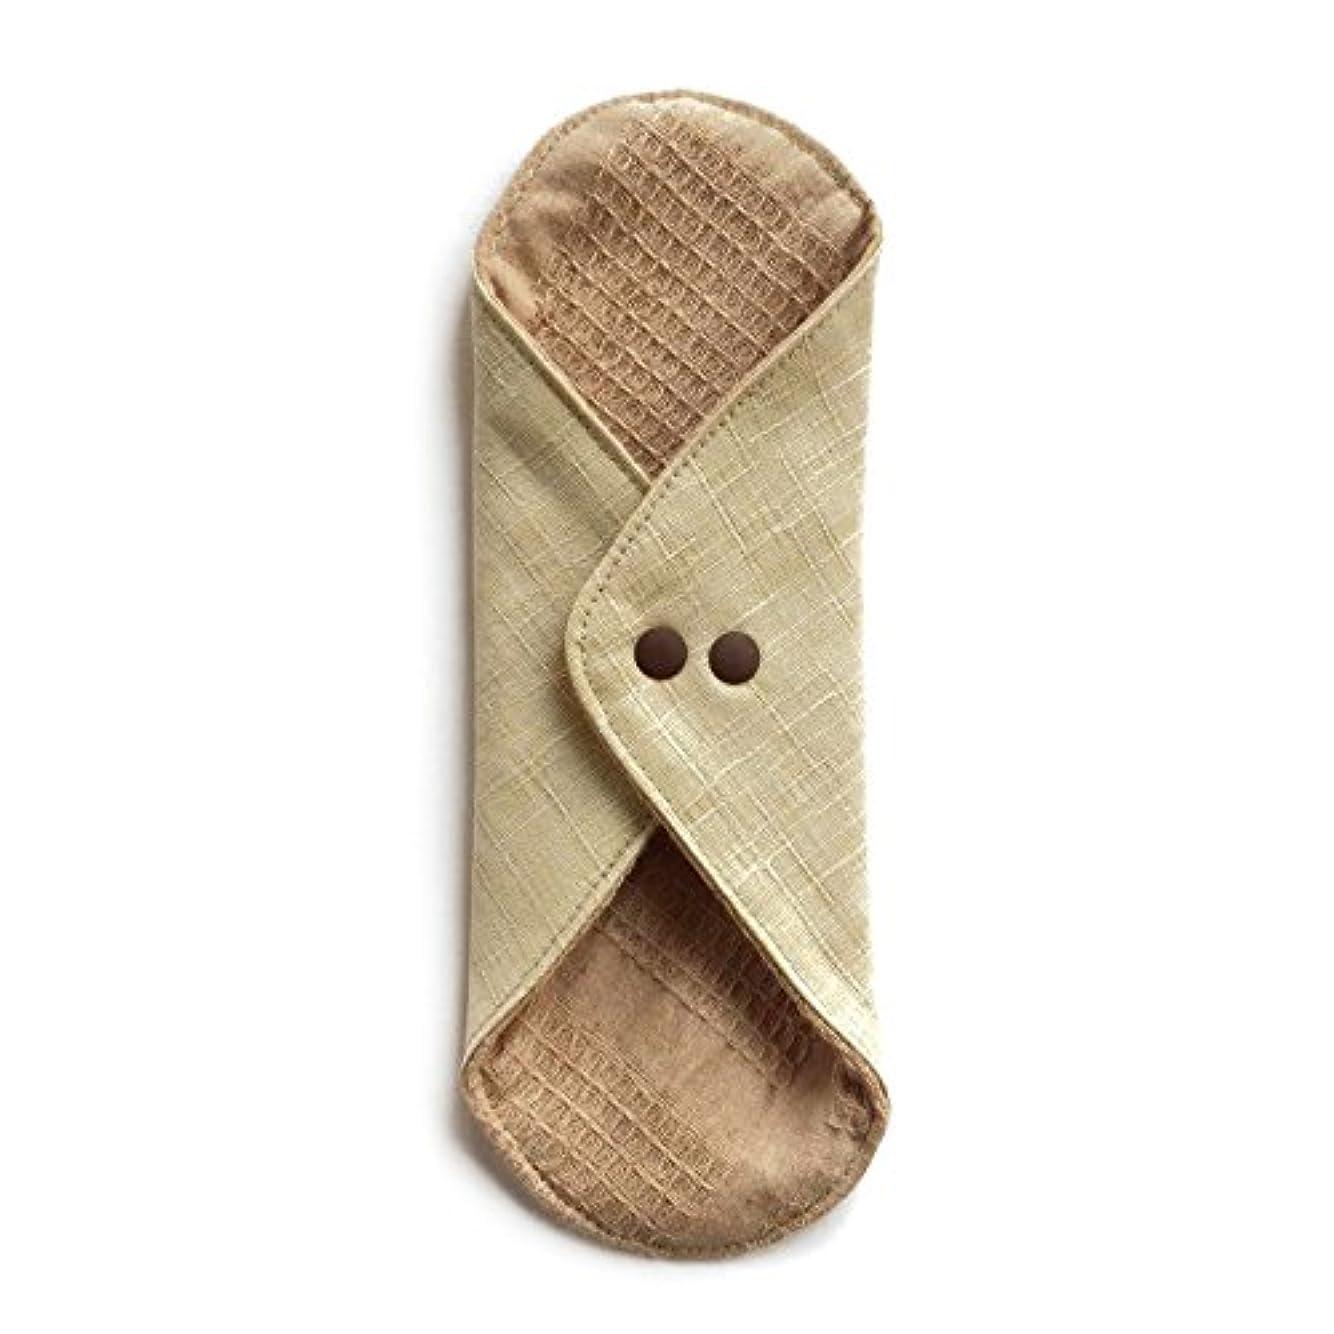 クランプ植生ギャザー華布のオーガニックコットンのあたため布 Lサイズ (約18×約20.5×約0.5cm) 彩り(百合)